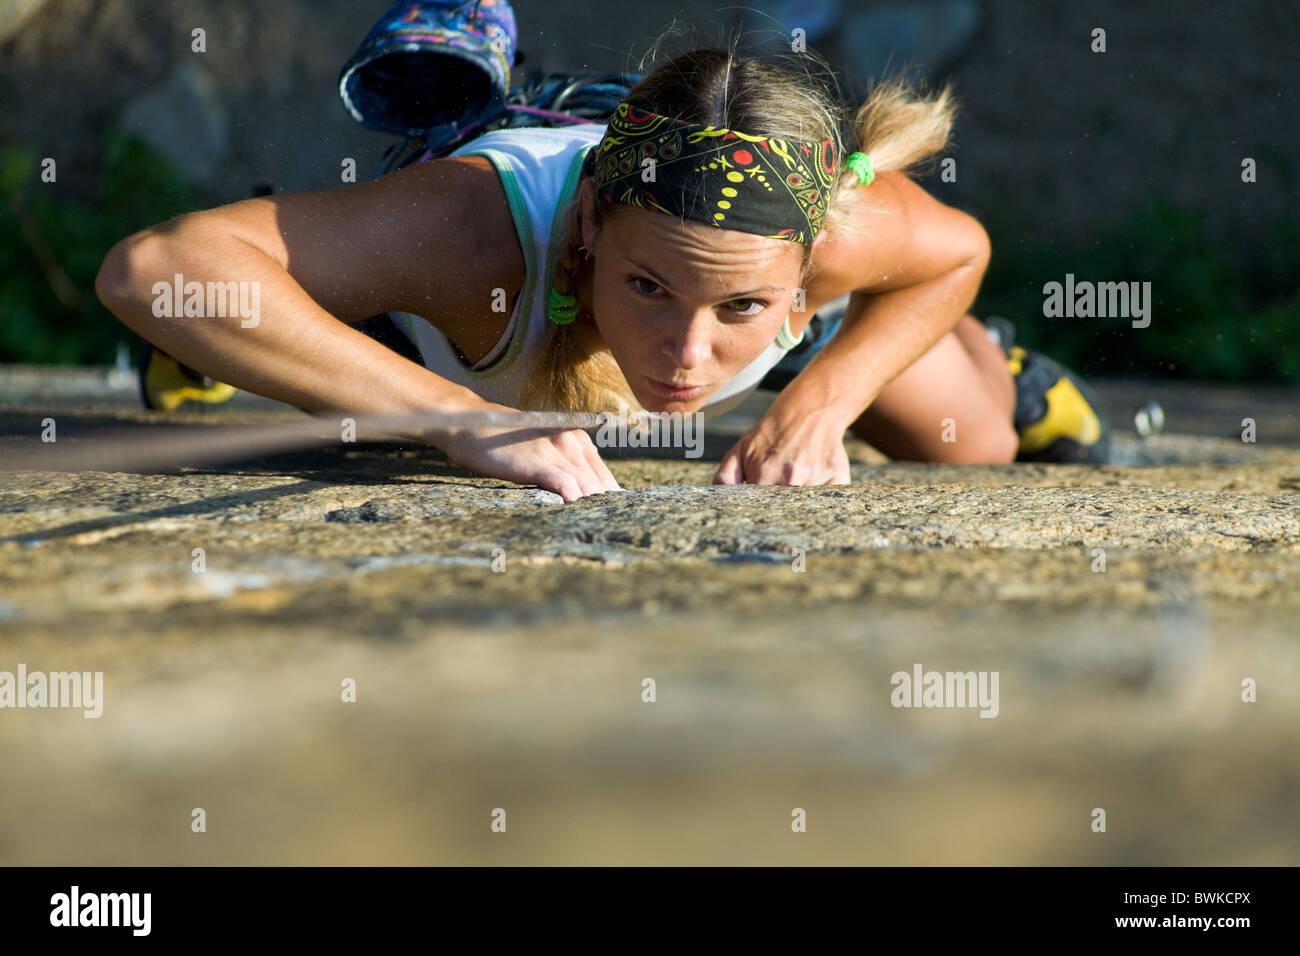 Affascinante ragazza si arrampica su di una roccia di granito Immagini Stock